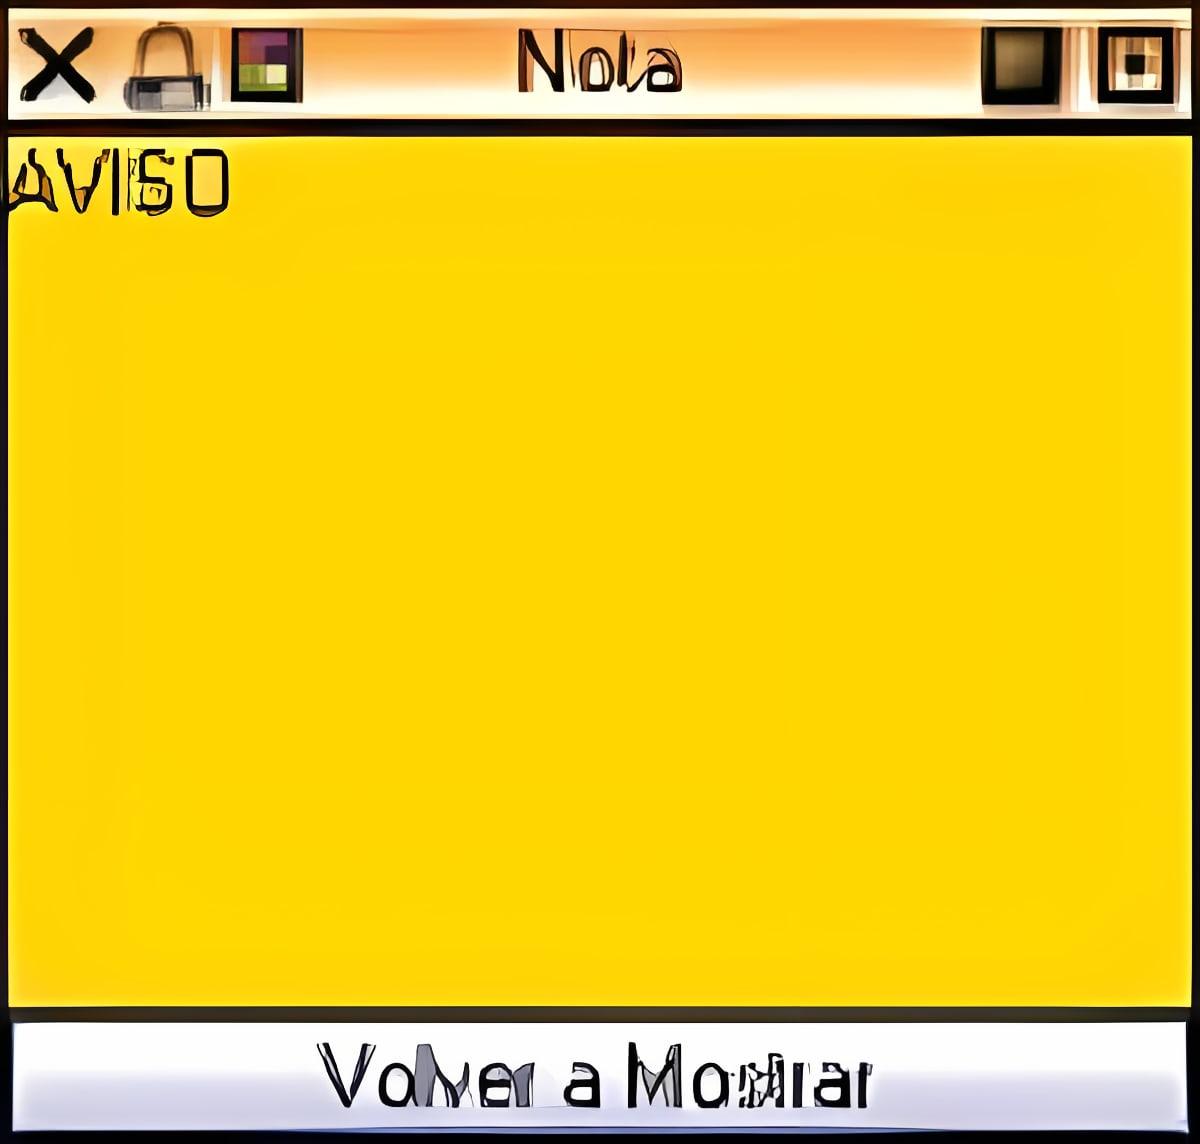 NOTASUno